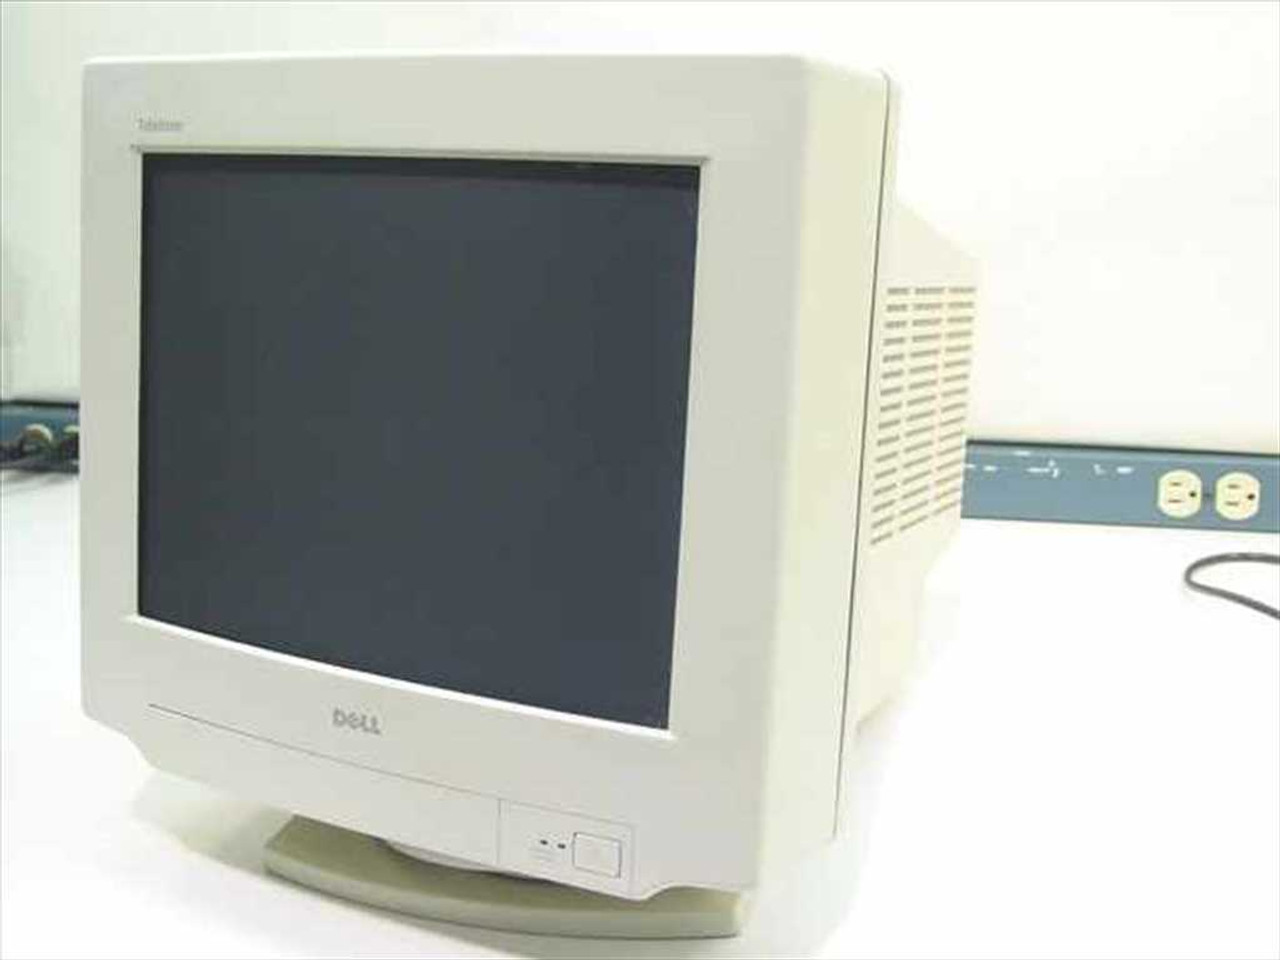 Dell e771p monitor